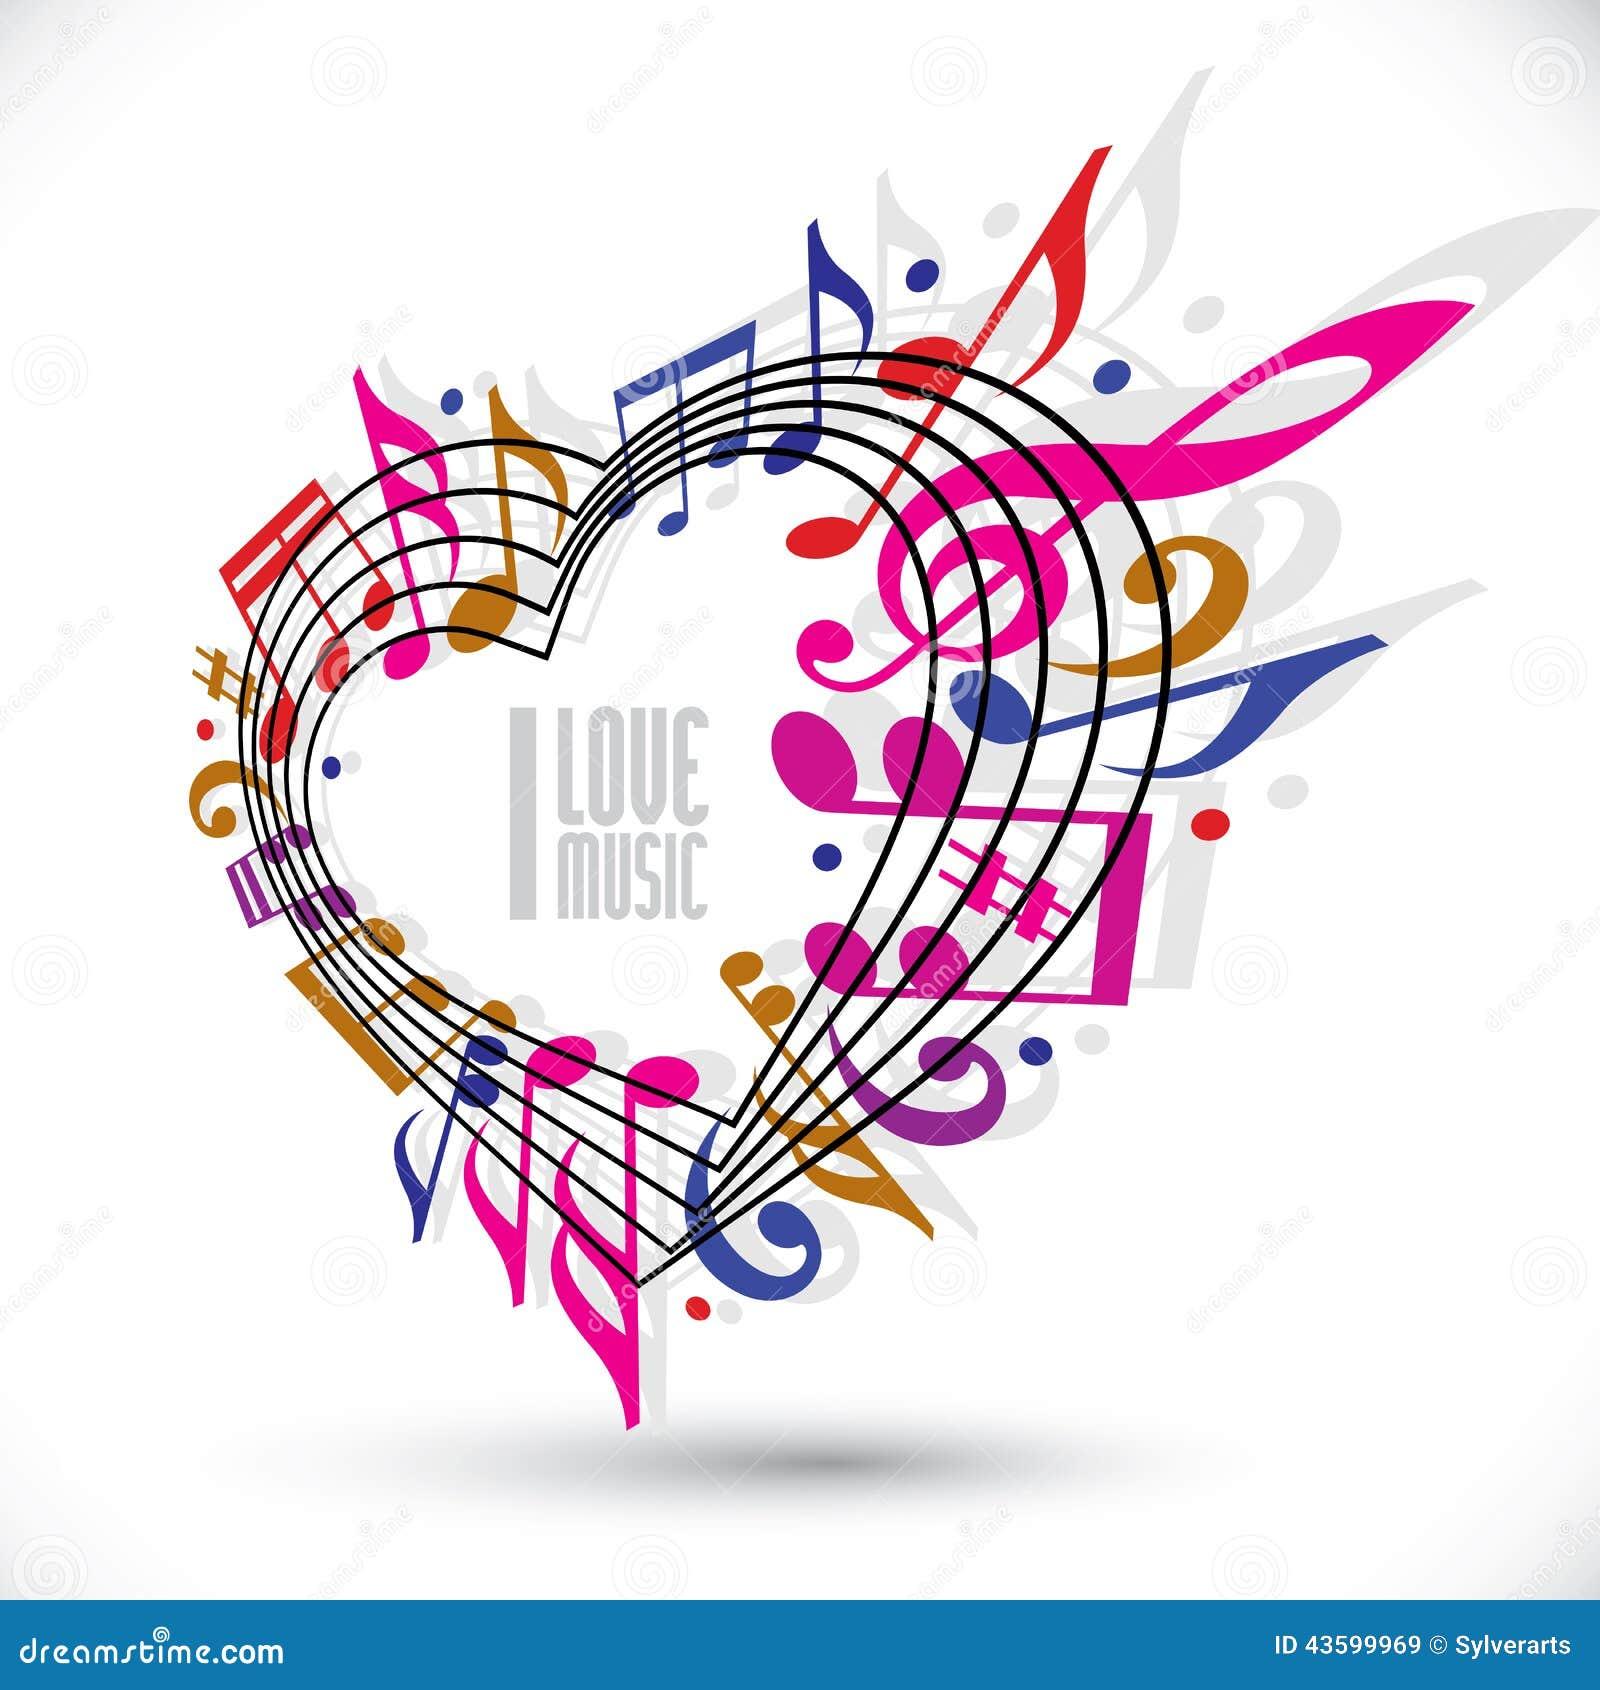 ich liebe musikschablone in den roten rosa und violetten